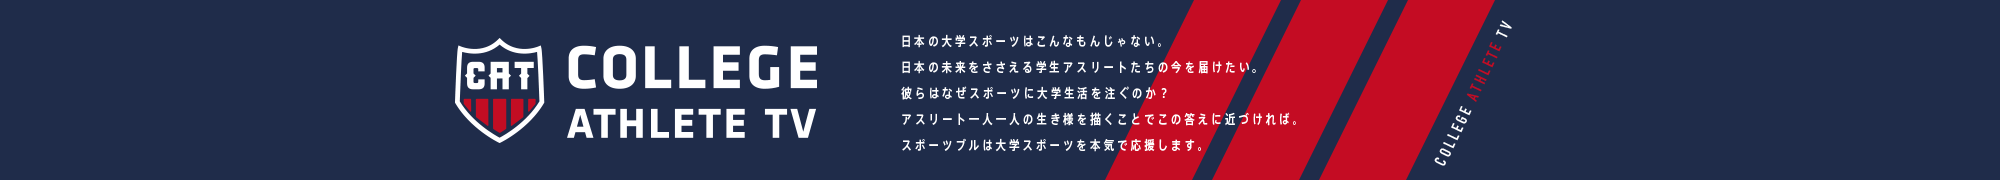 六大学を背負って白球を追うのは、硬式野球部だけではない。野球を愛し、泥臭くプレーしている大学生たちがいる。今回は8日に行われた、東京六大学軟式野球連盟春季リーグの最終戦に迫った。 …